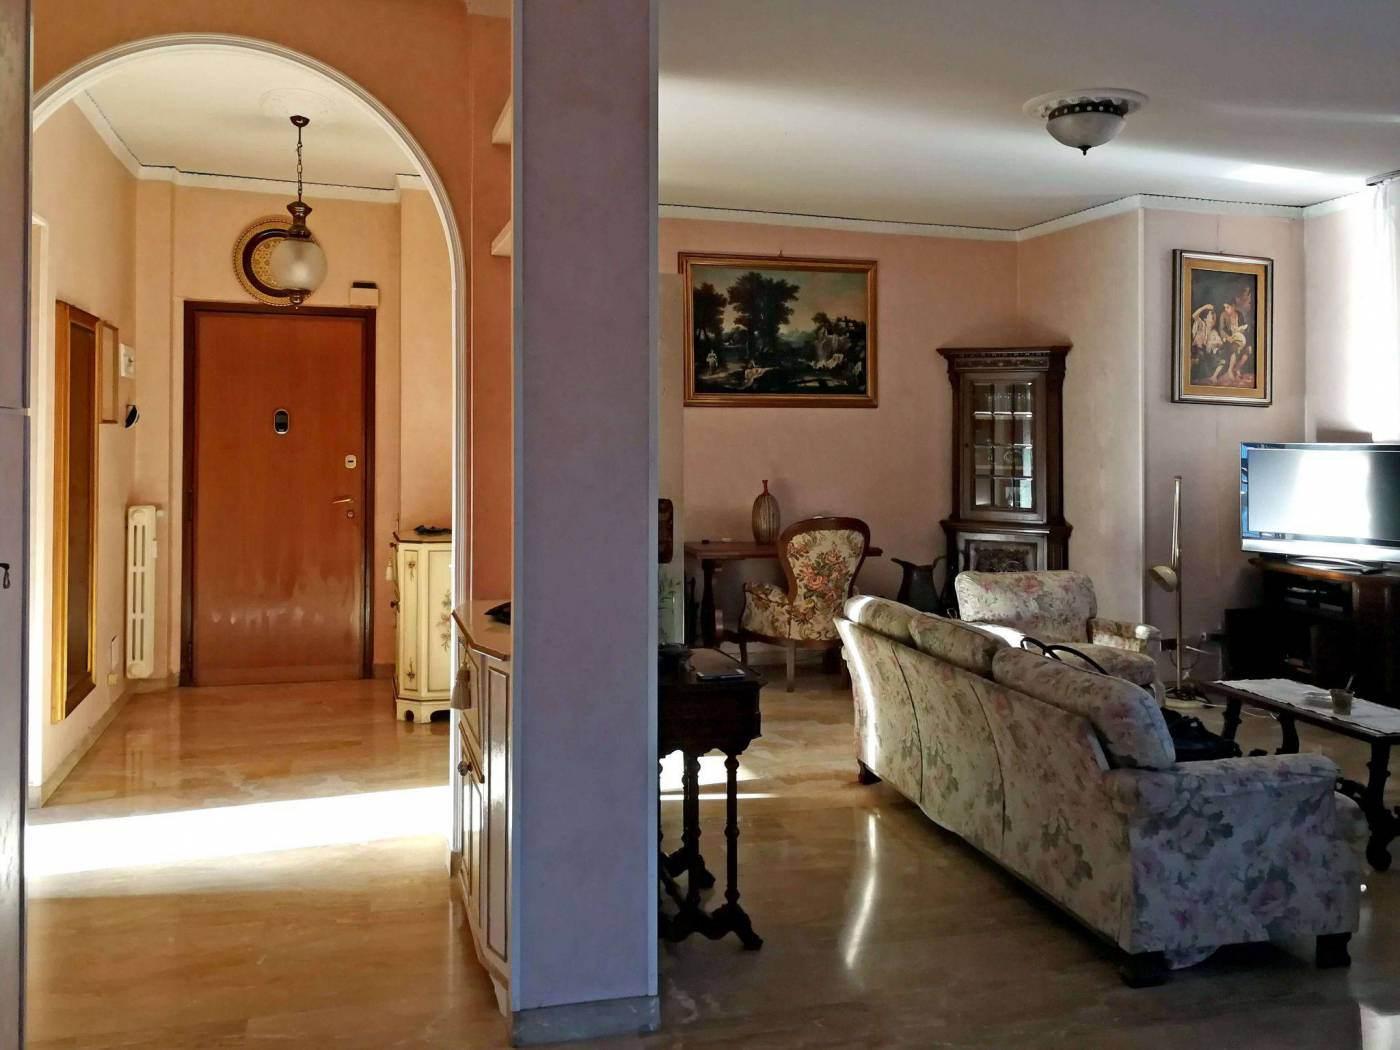 appartamento-in-vendita-milano-baggio-san-siro-forze-armate-quadrilocale-4-locali-quattro-spaziourbano-immobiliare-vende-3